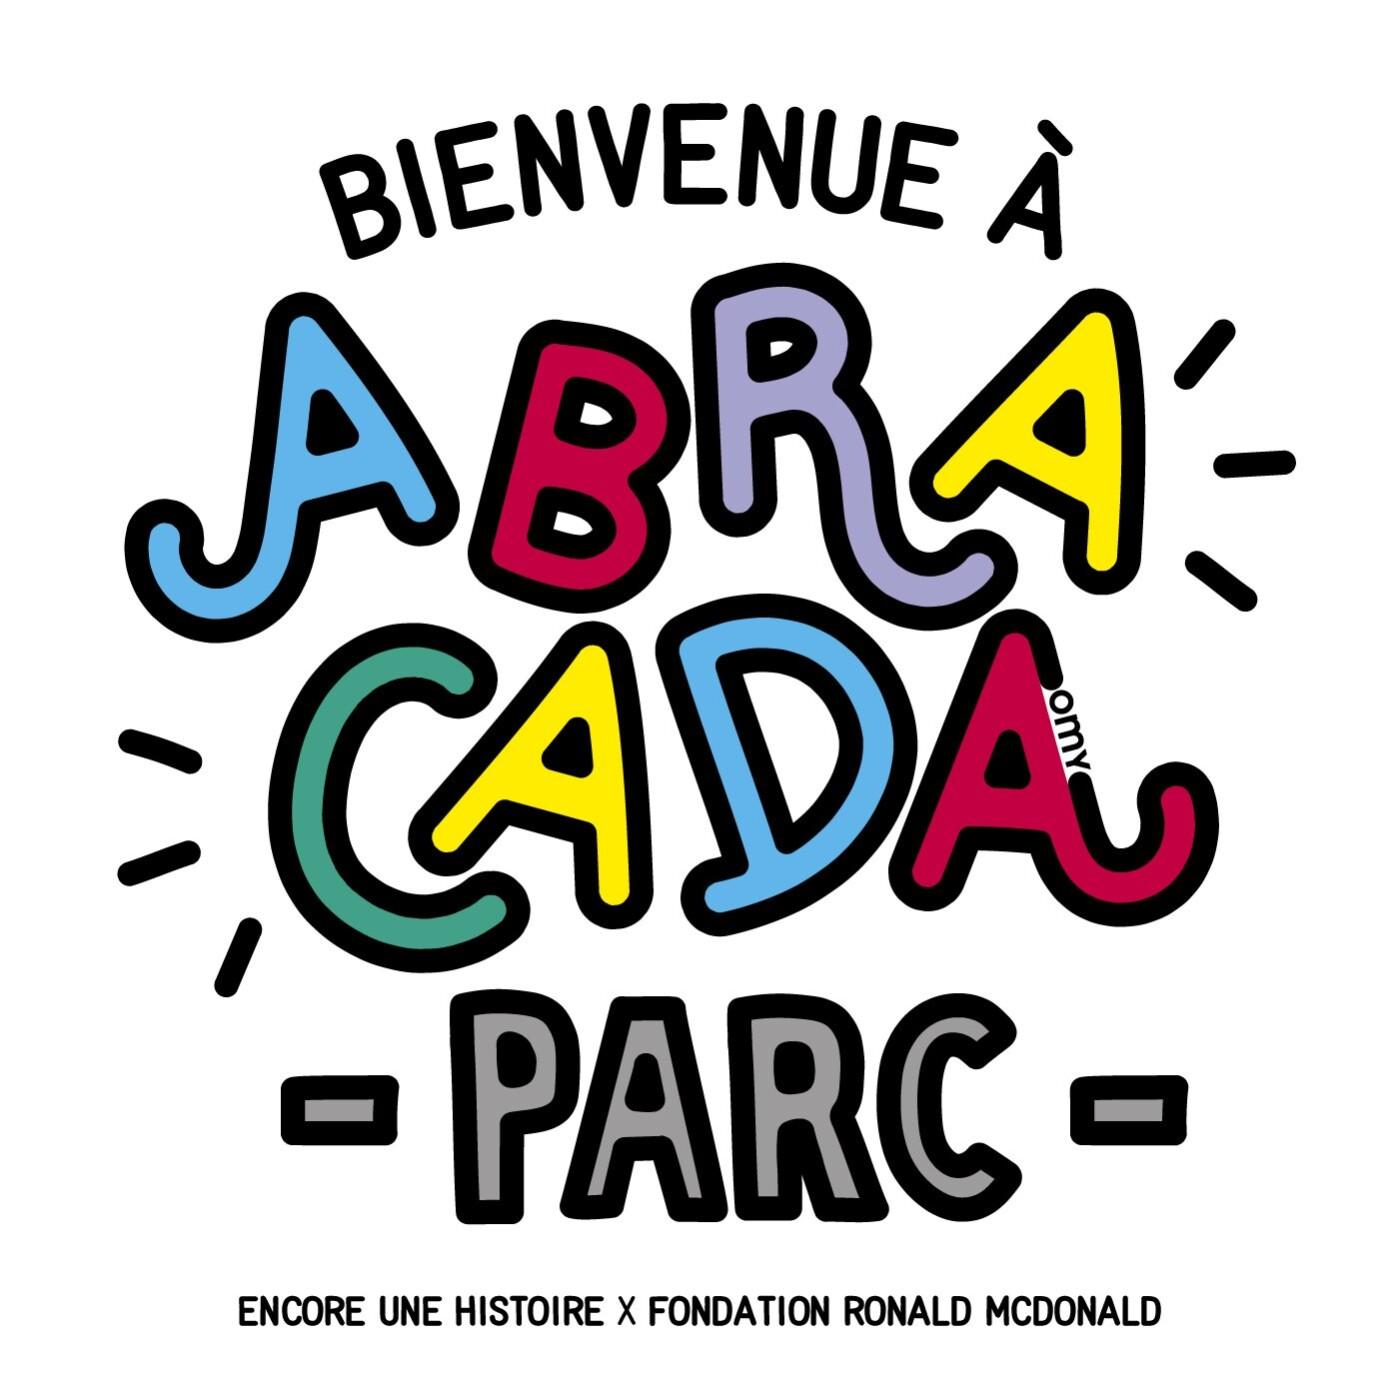 Bienvenue à AbracadaParc - épisode 2